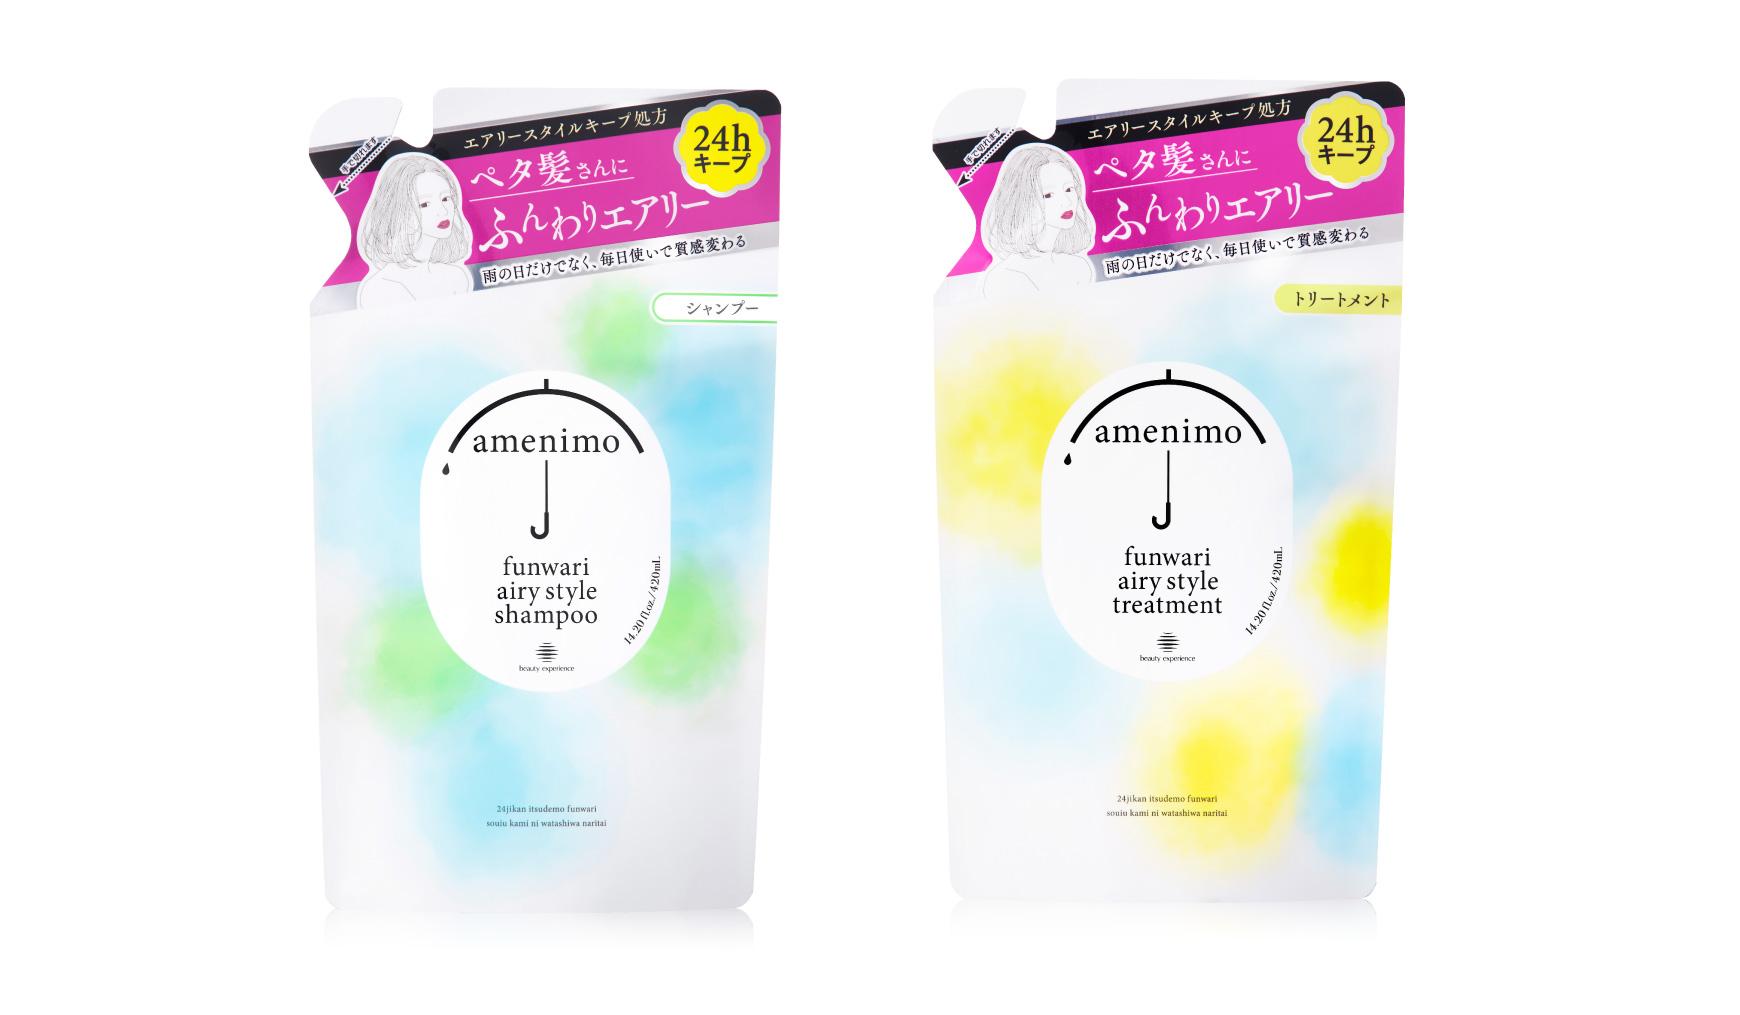 ヘアケアアメニモのパッケージデザイン画像